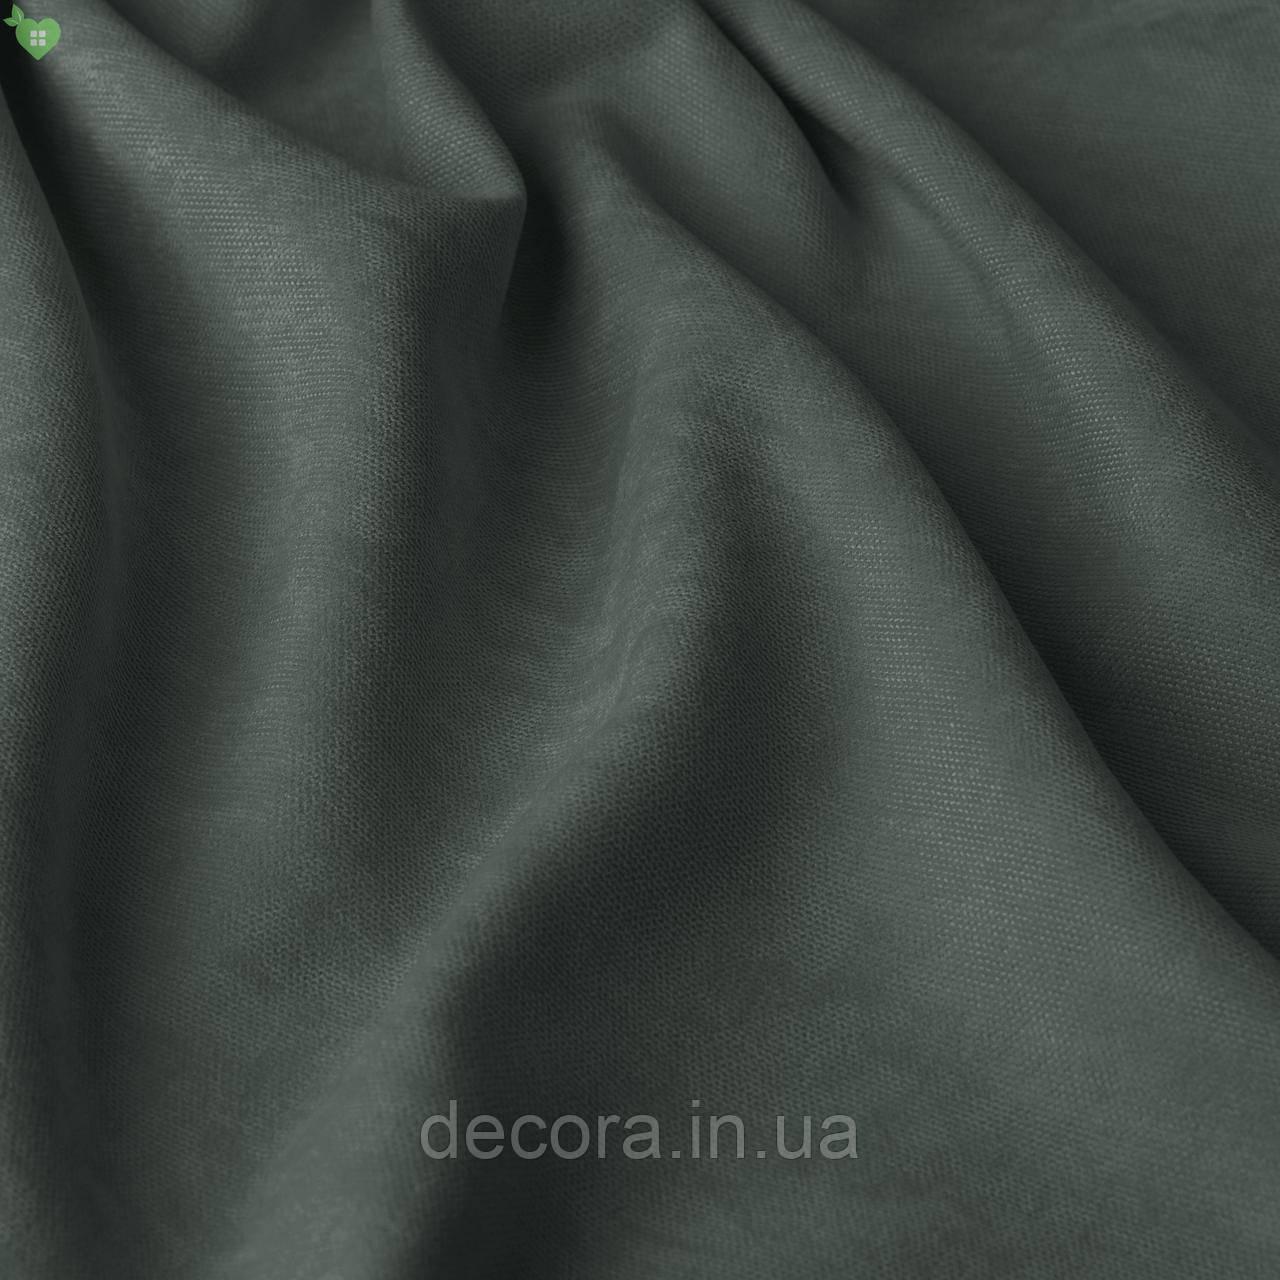 Однотонна декоративна тканина велюр білого кольору, Туреччина 121000v35